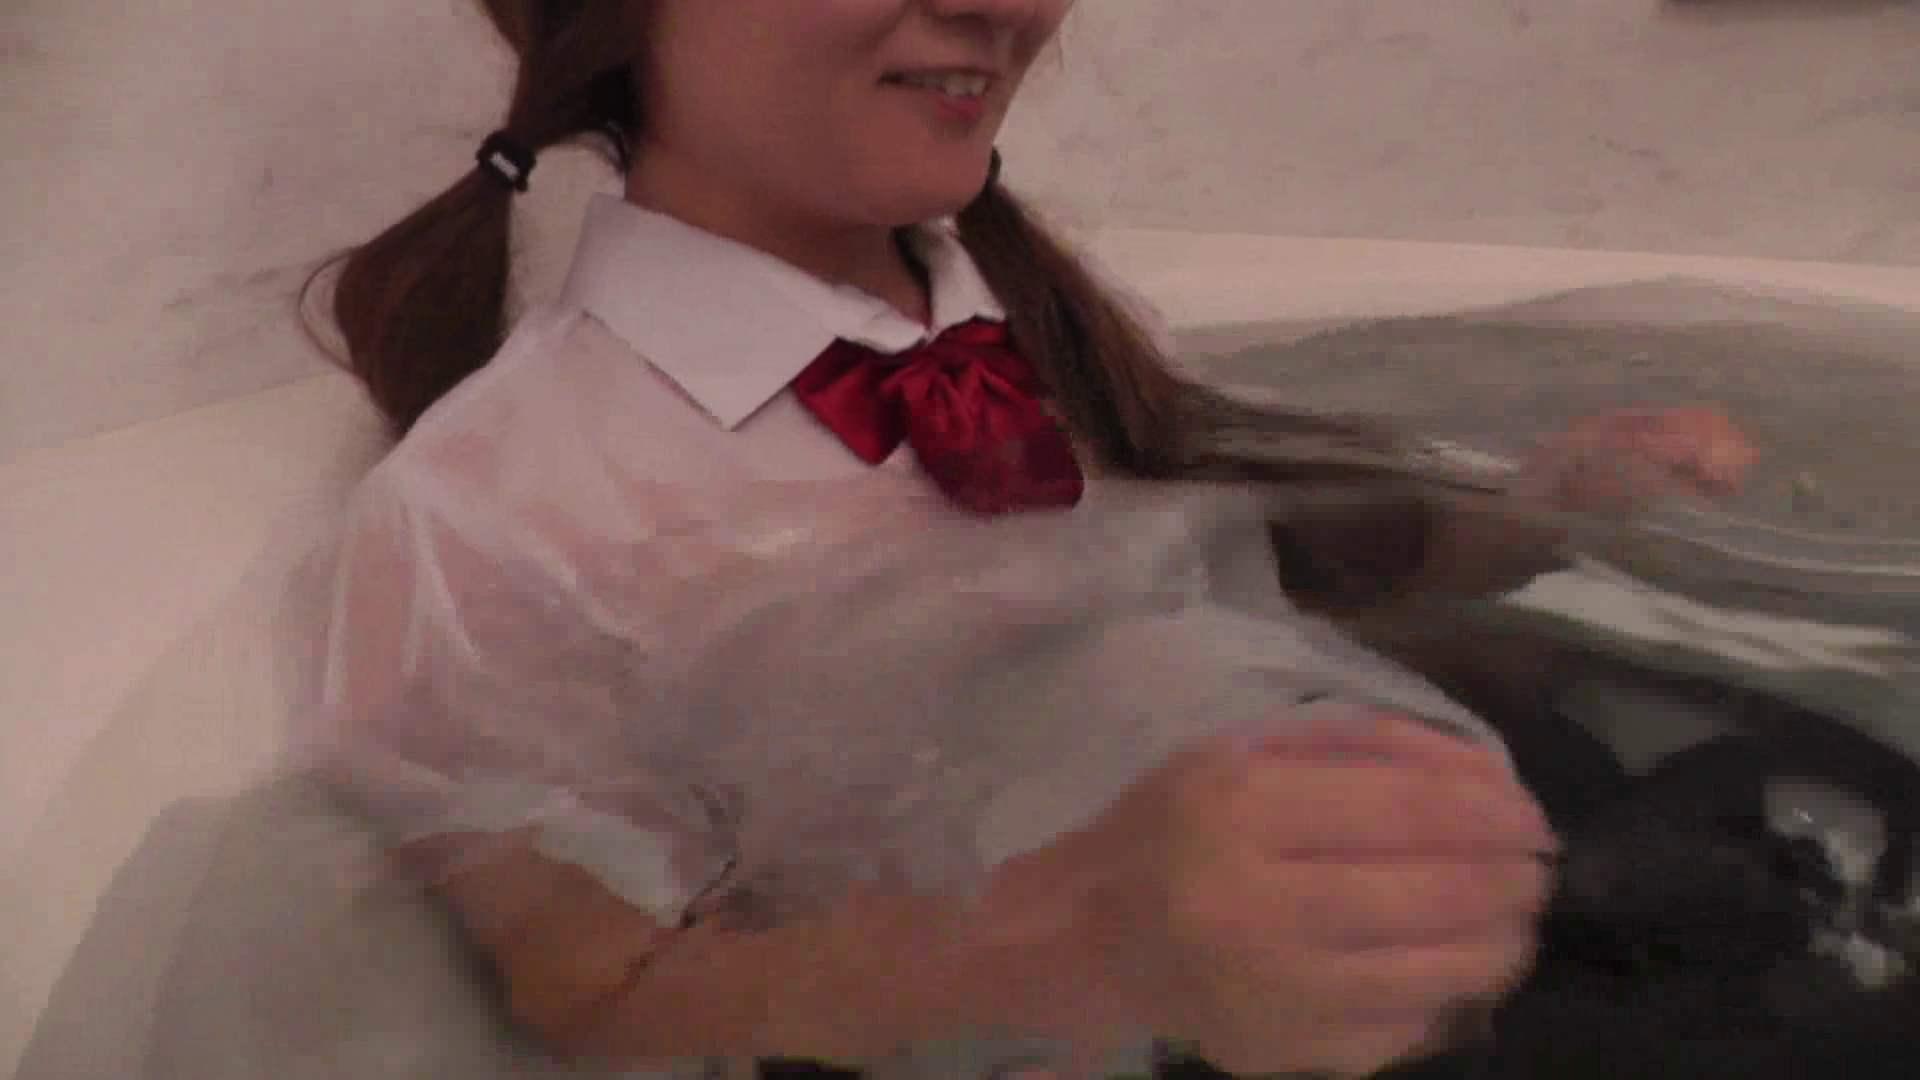 俺推し素人 Bカップ20代人妻現役ナース久美 人妻丸裸 オメコ動画キャプチャ 93pic 43